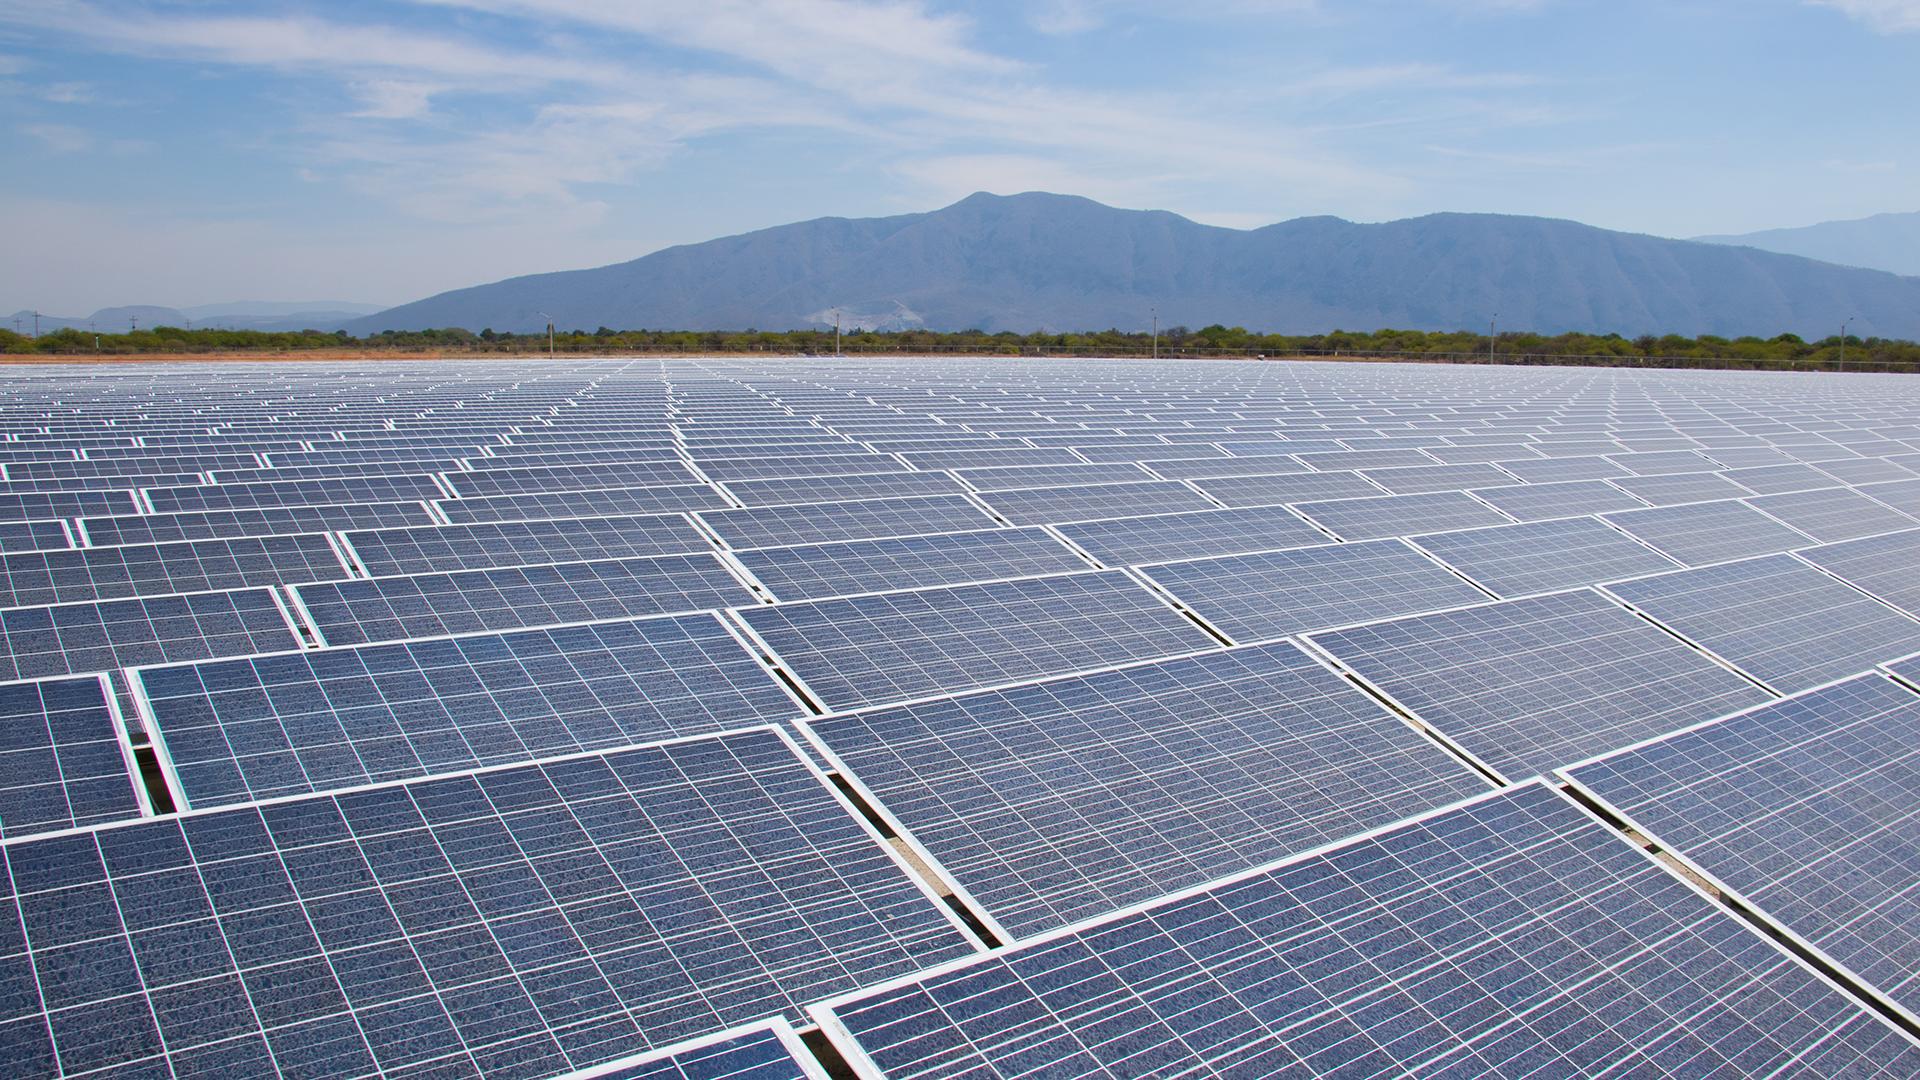 Sener presume avance en proyectos renovables de la reforma energética